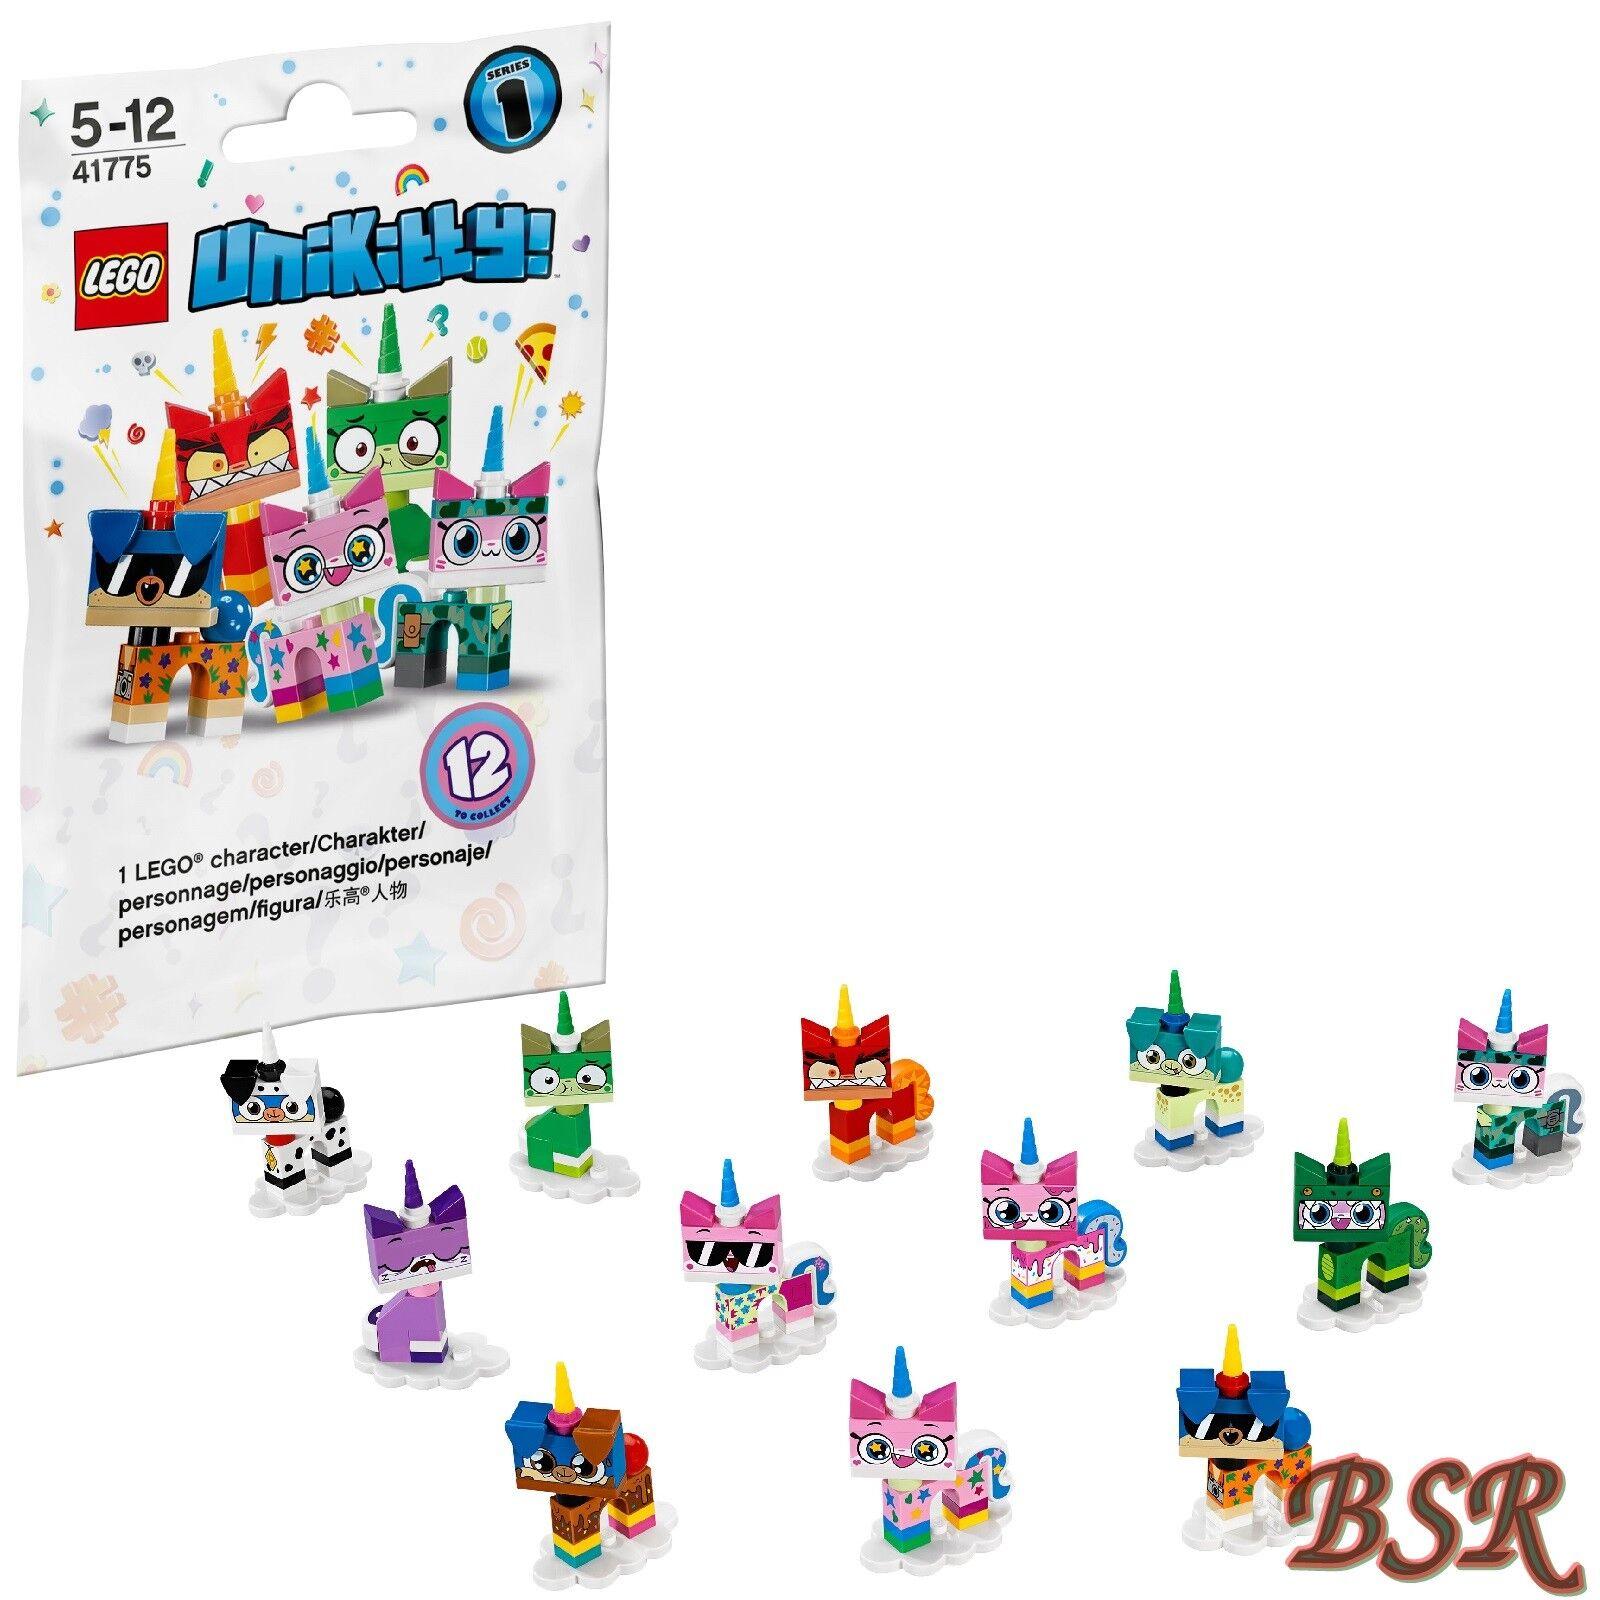 LEGO ® 41775 complet jeu Unikitty série 1 personnages 12 Pièce & 0. - livraison NEUF